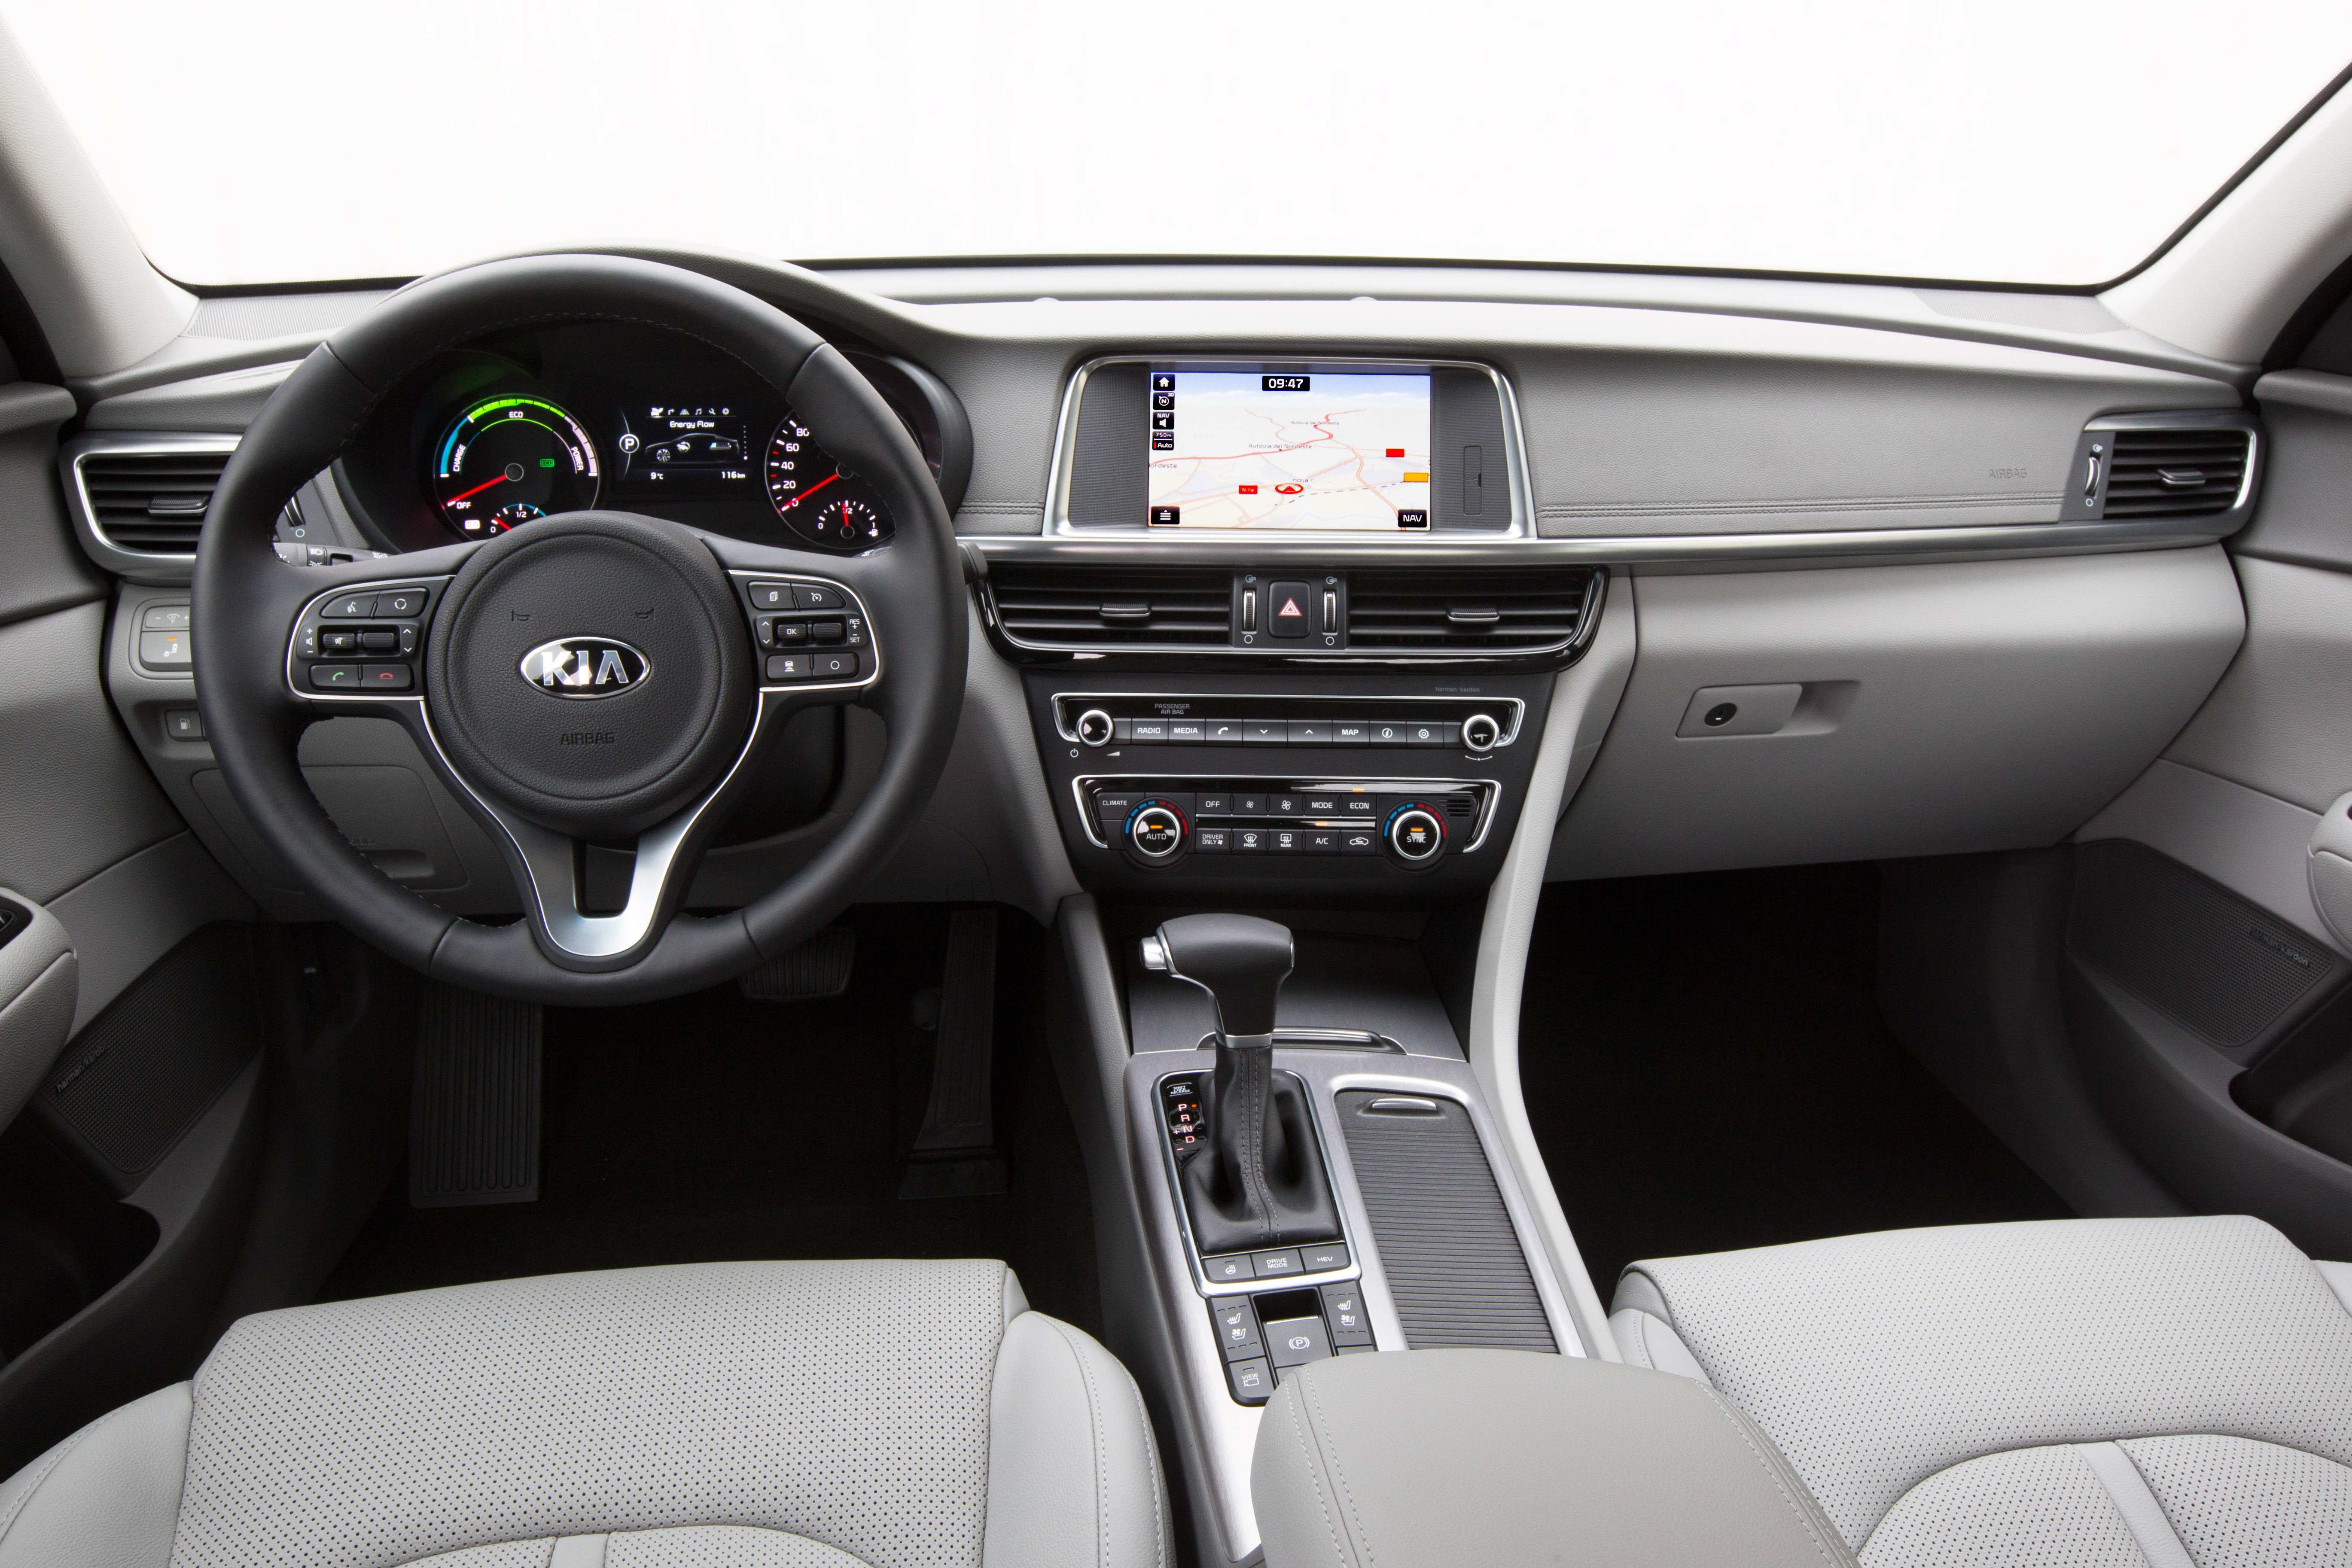 49 The Kia Optima 2020 Interior Interior by Kia Optima 2020 Interior